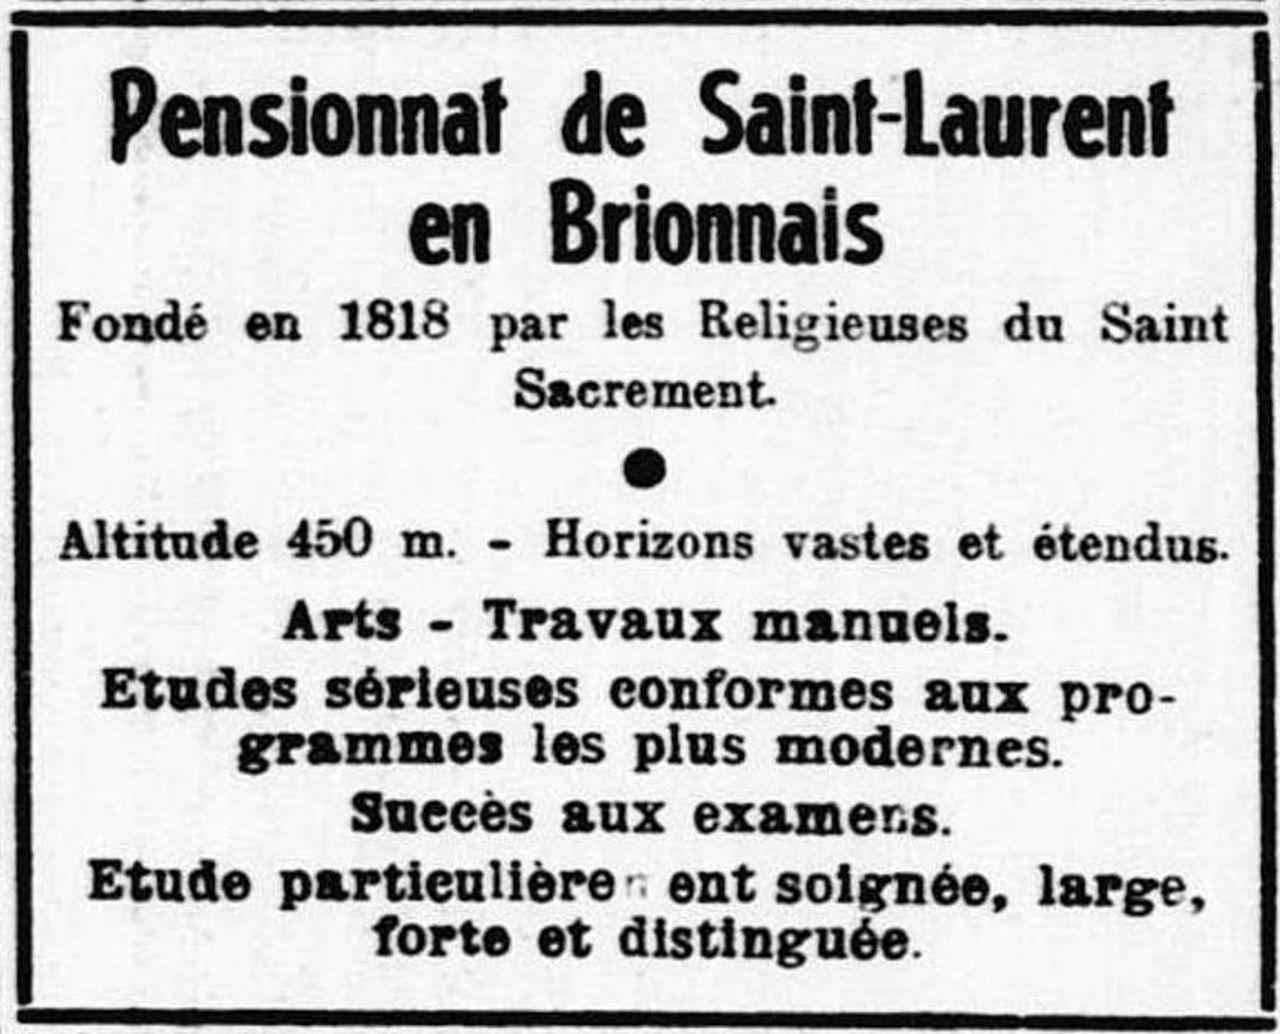 Pensionnat de St-Laurent-en-Brionnais, Le Nouvelliste d'Alsace, 1933